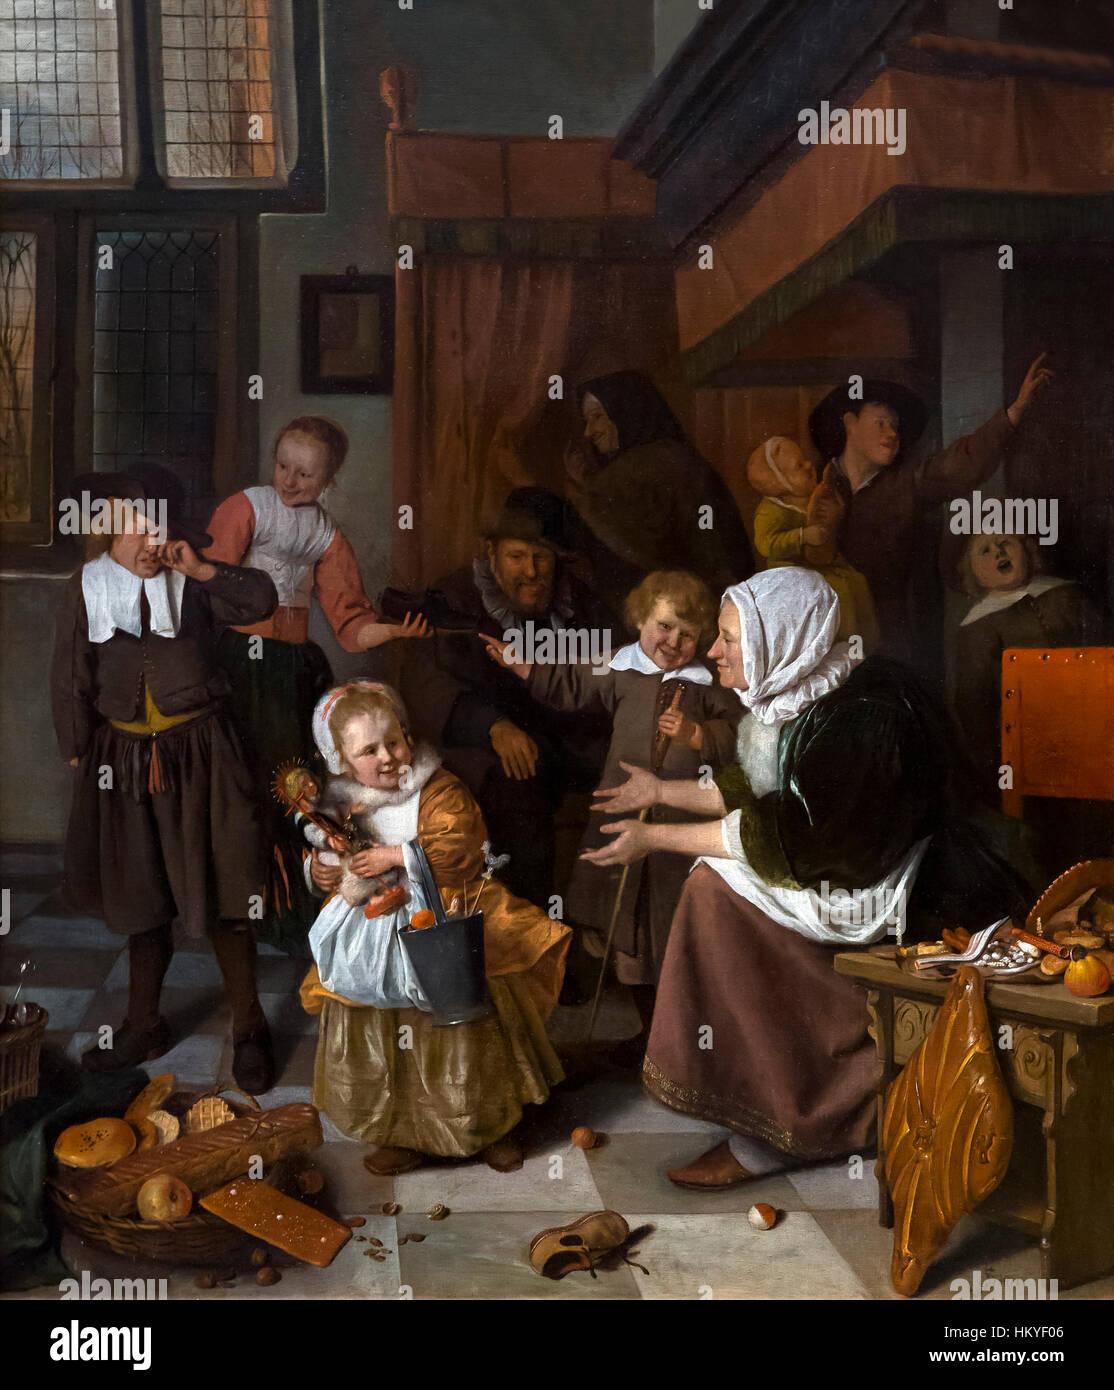 Das Fest des Hl. Nikolaus, von Jan Steen, 1665-68, Öl auf Leinwand, das Rijksmuseum, Amsterdam, Niederlande, Stockbild